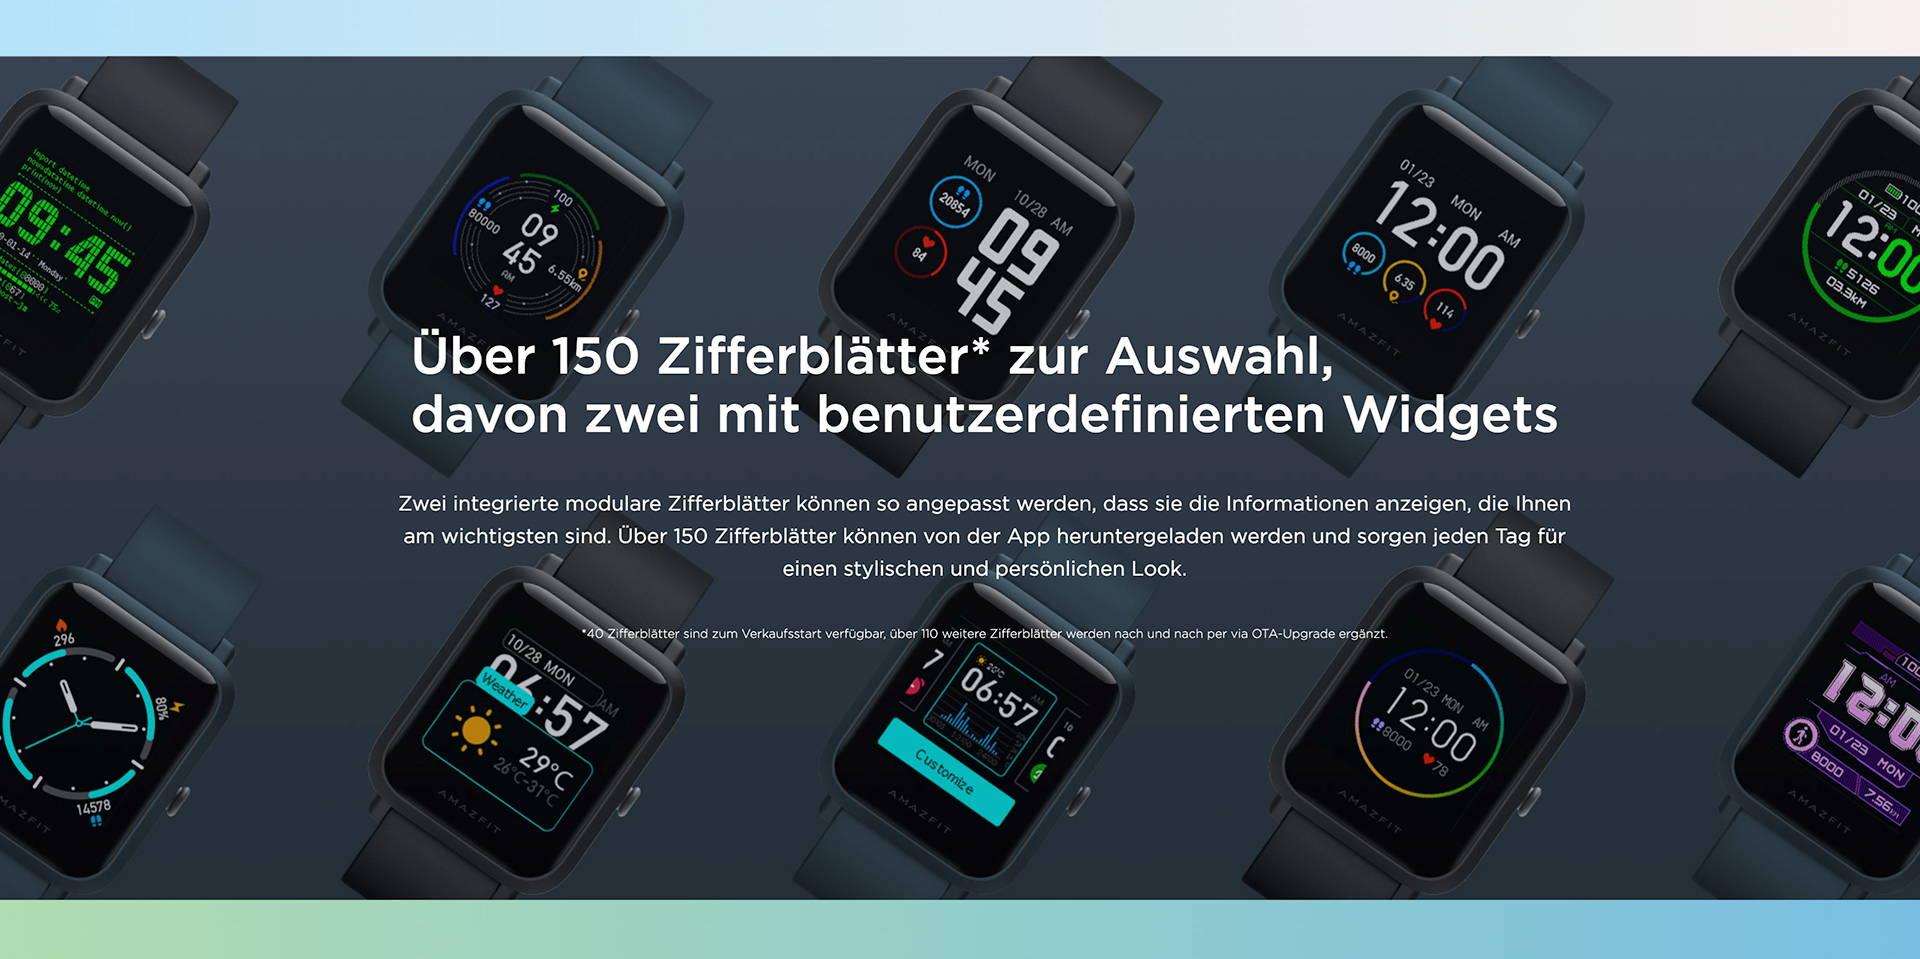 Amazfit DE - Amazfit Bip S Lite - Über 150 Zifferblätter* zur Auswahl, davon zwei mit benutzerdefinierten Widgets